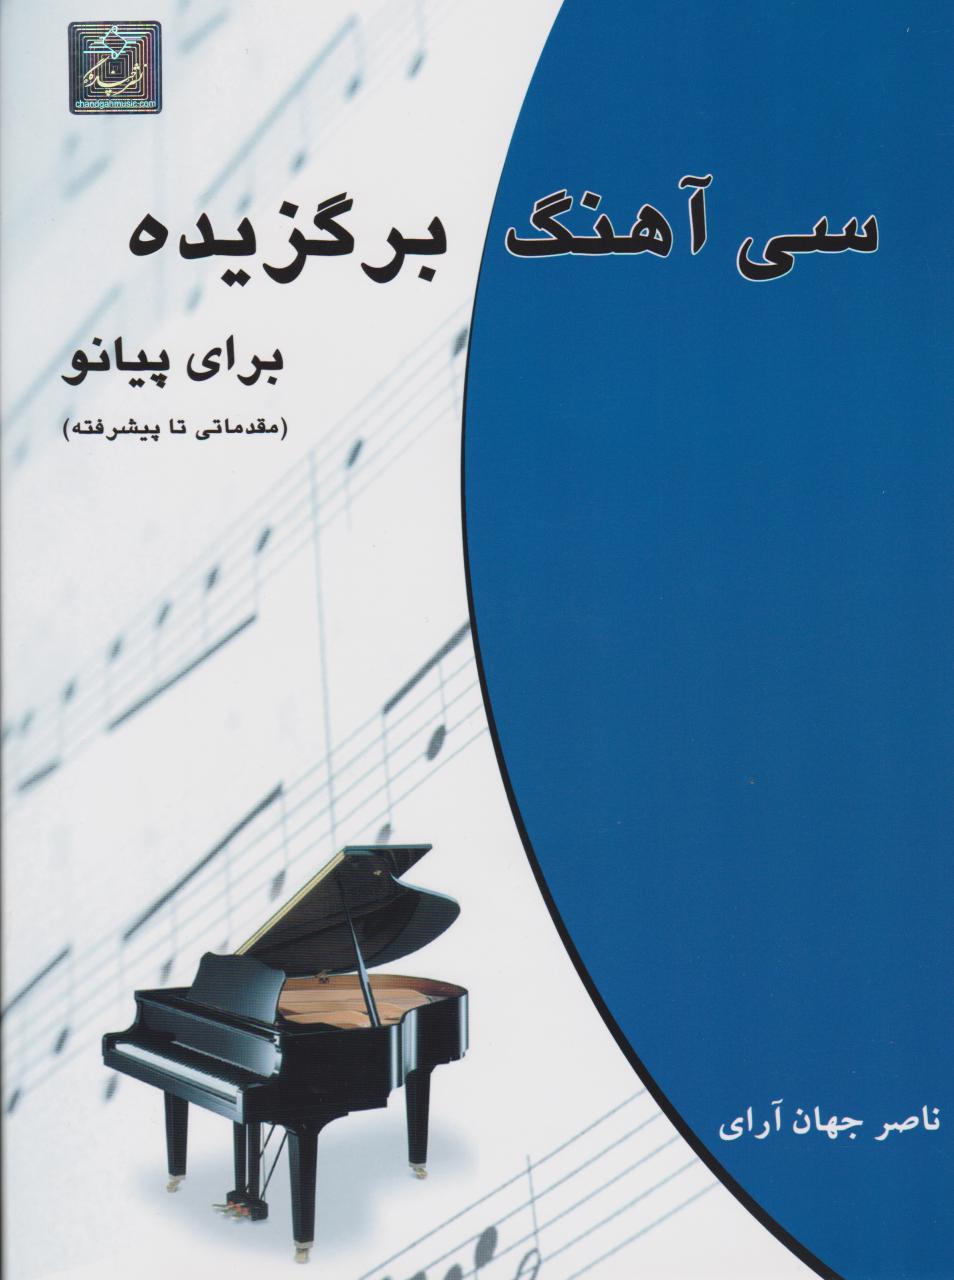 کتاب سی آهنگ پیانو با سیدی ناصر جهانآرای انتشارات چندگاه